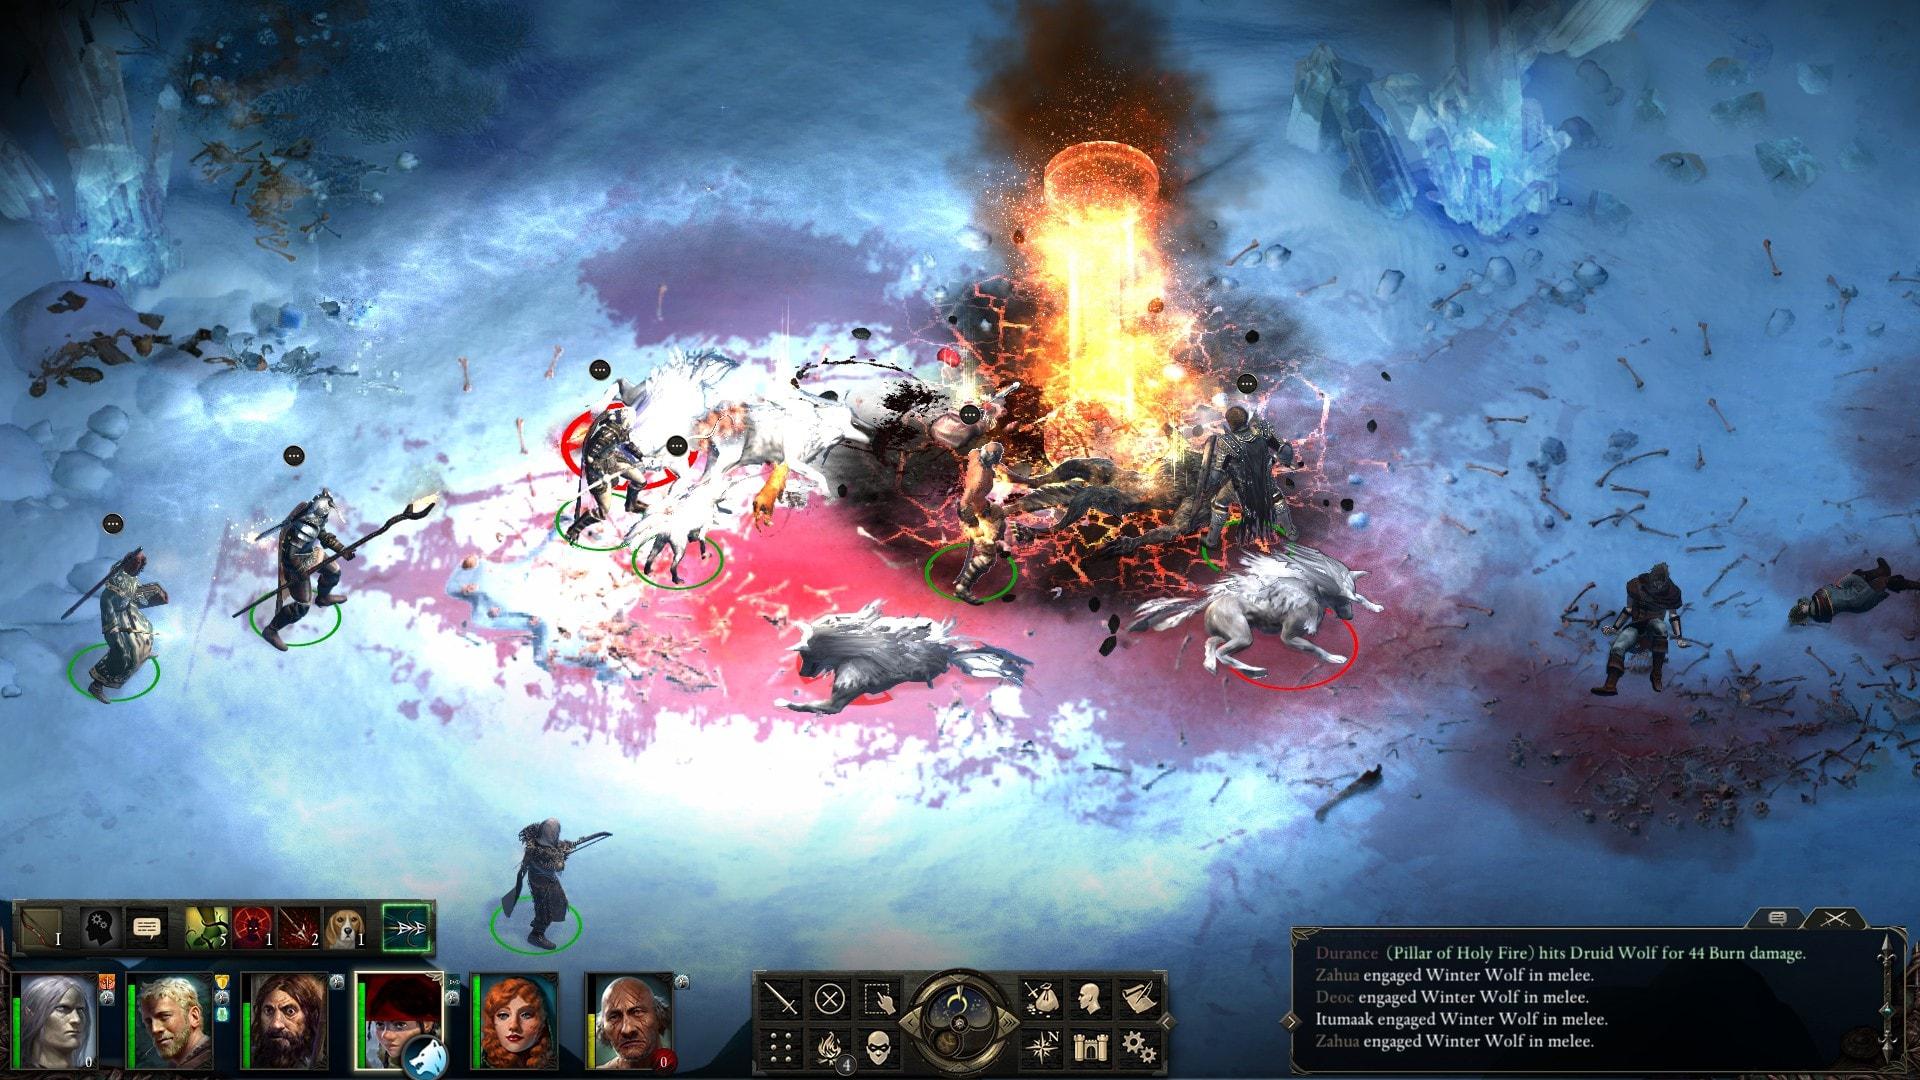 Pillars of Eternity: The White March 2 Desktop wallpaper